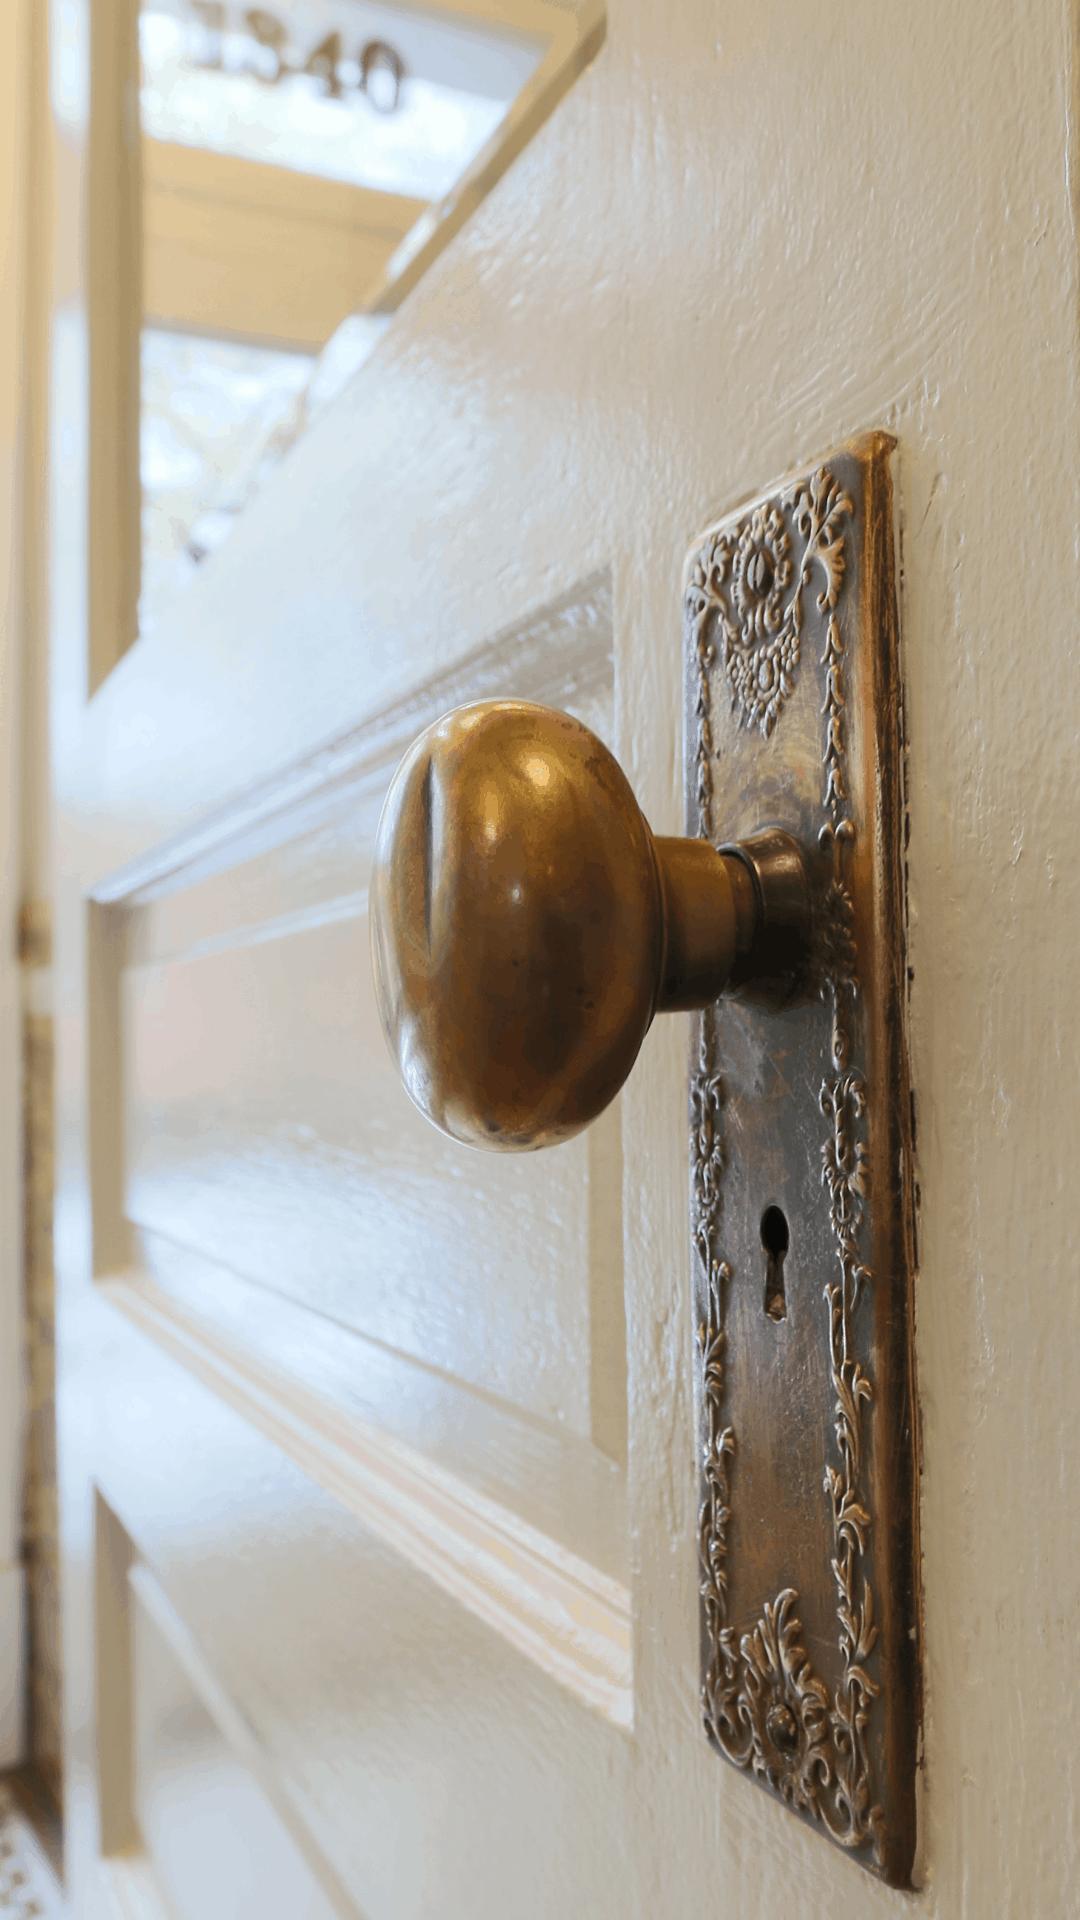 A_SE#2_doorknob_1080 x 1920